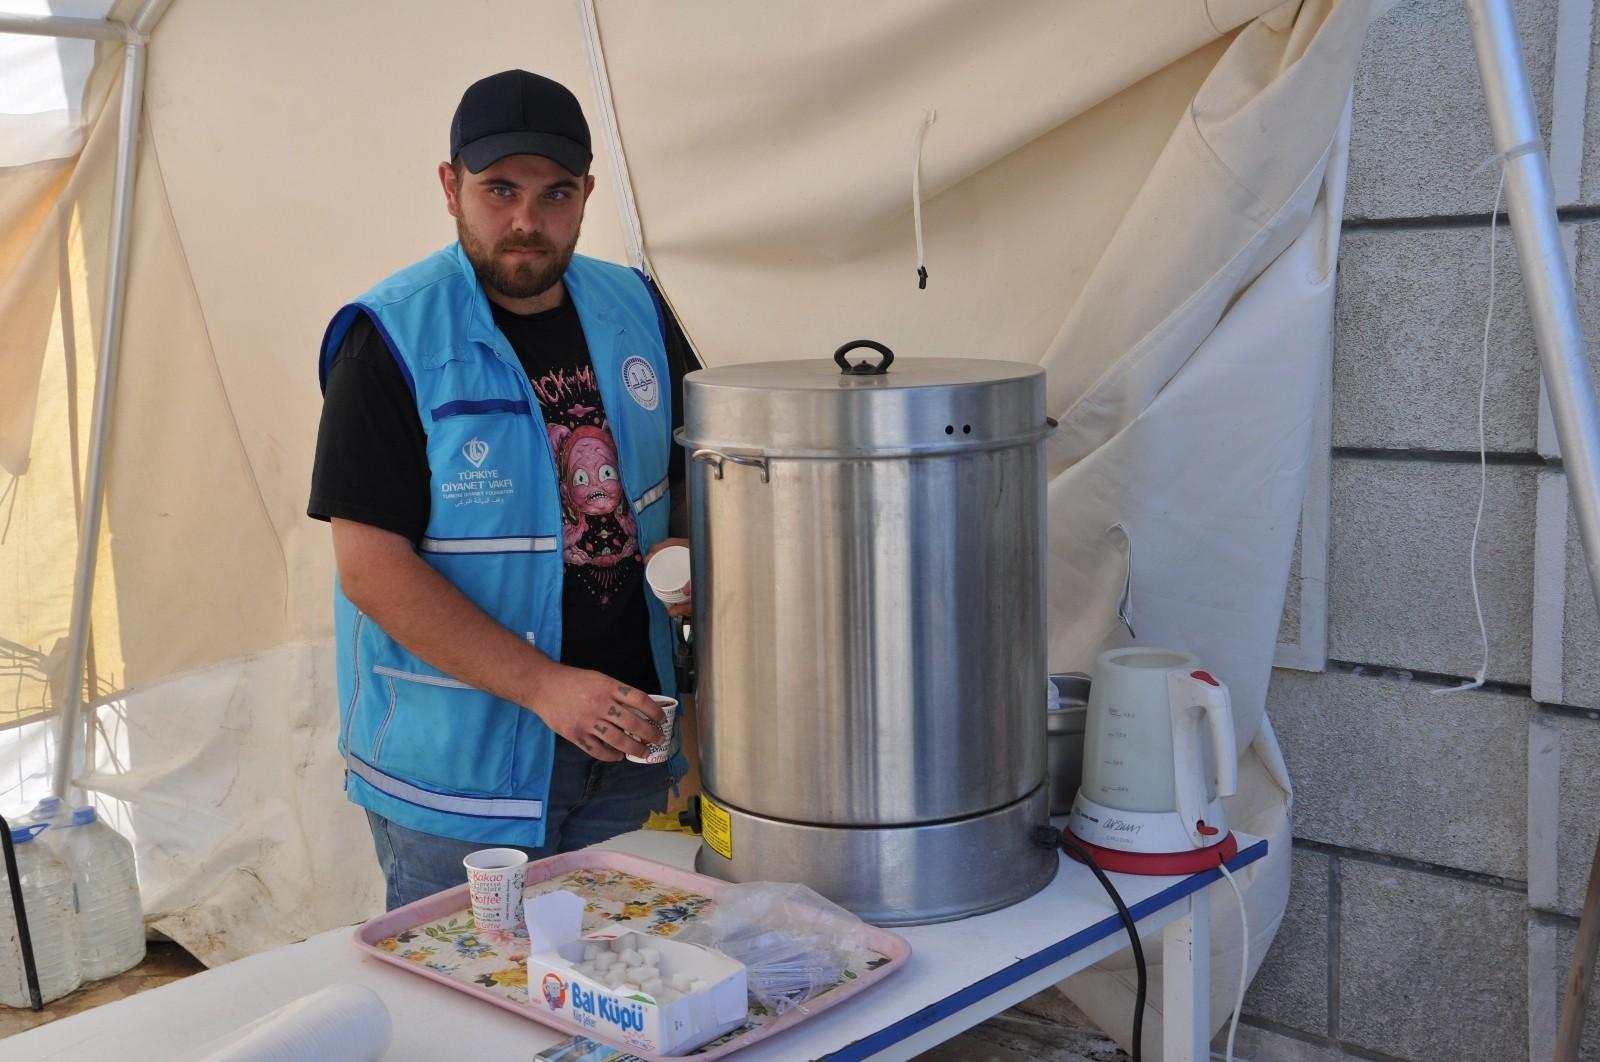 Depremden etkilenince sel bölgesinin gönüllüsü oldu